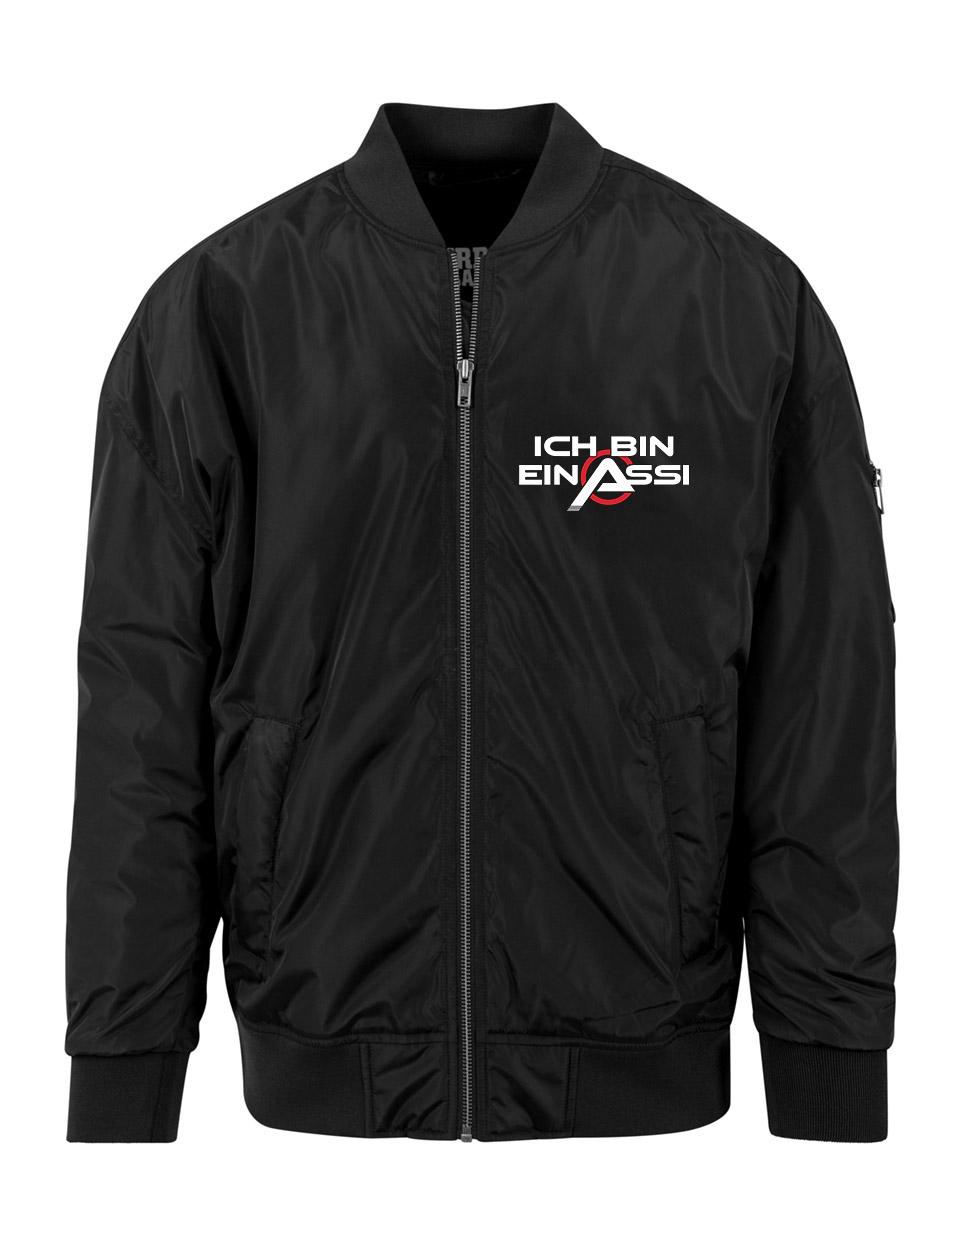 Ich bin ein Assi Overzised Bomber Jacket mehrfarbig auf schwarz